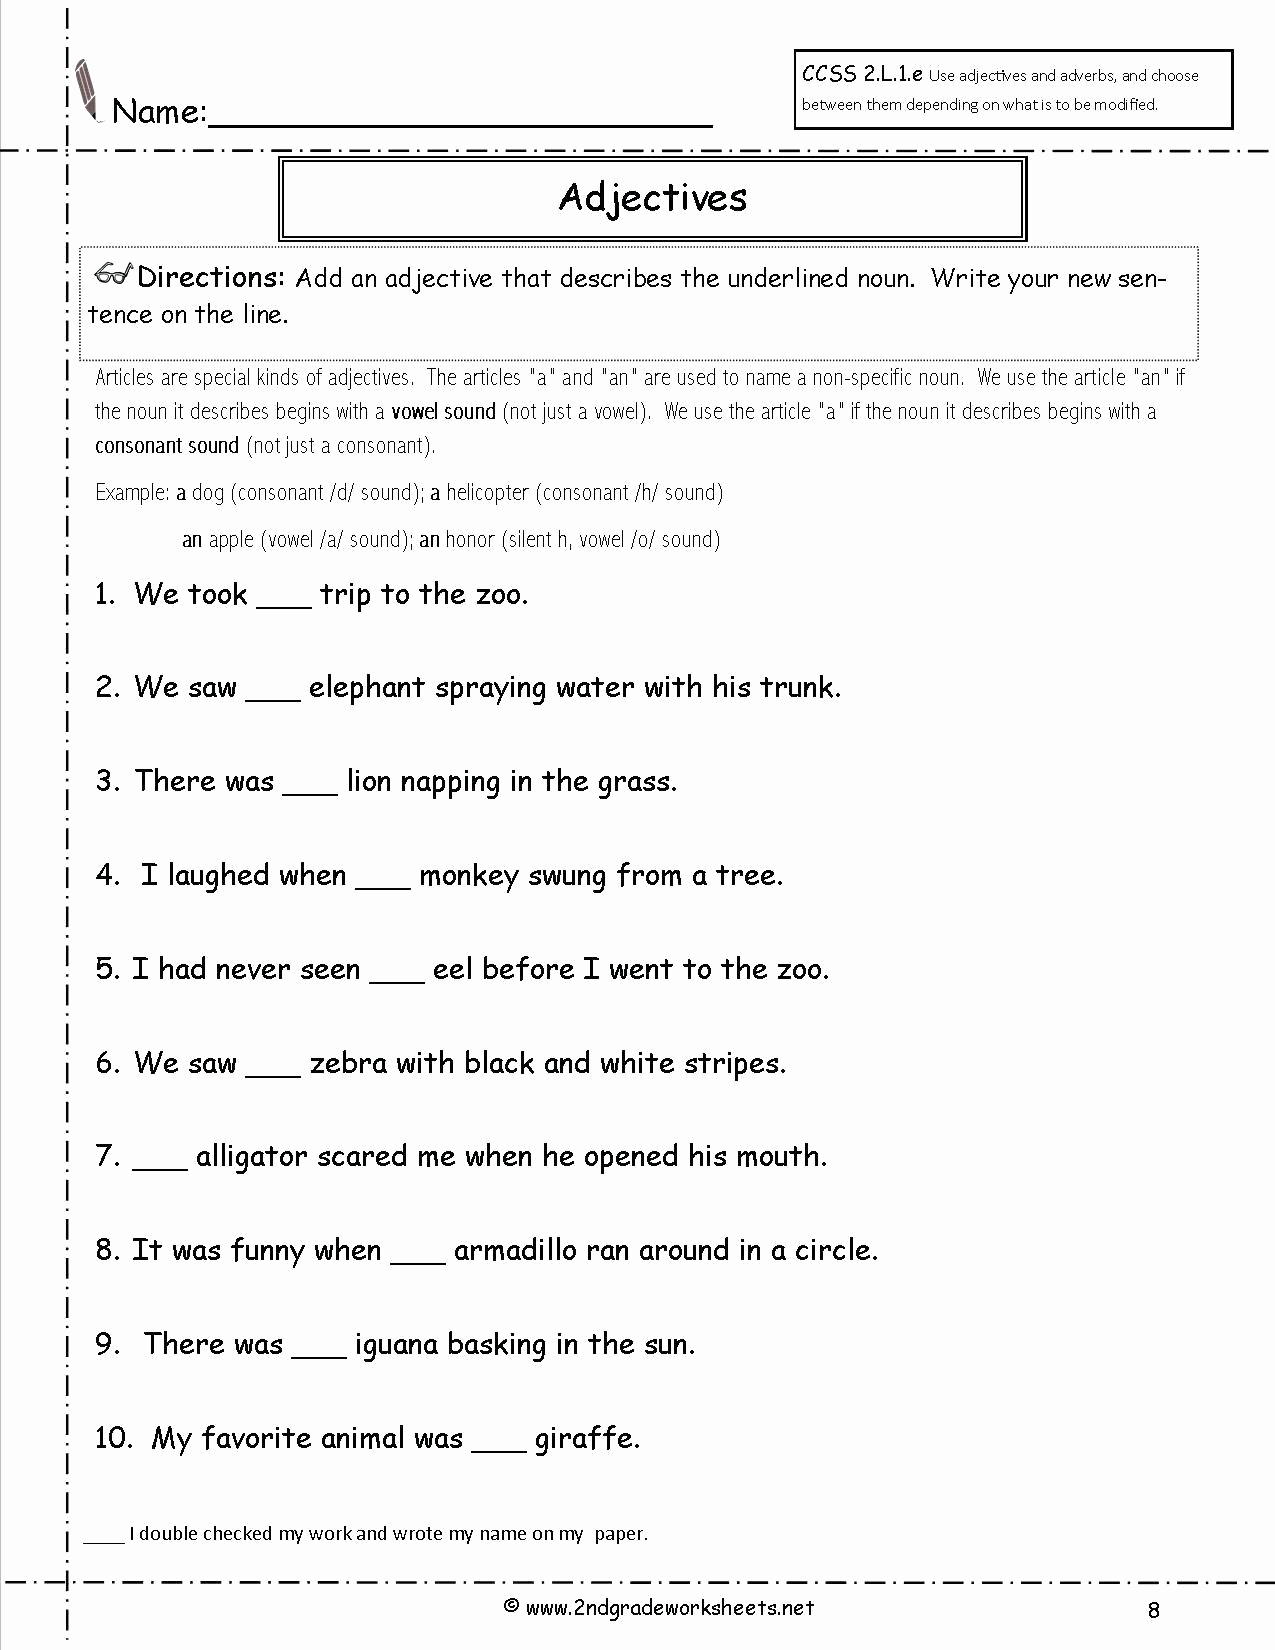 2nd Grade Grammar Worksheets Pdf Lovely 2nd Grade Reading Prehension Worksheets Pdf to Linear